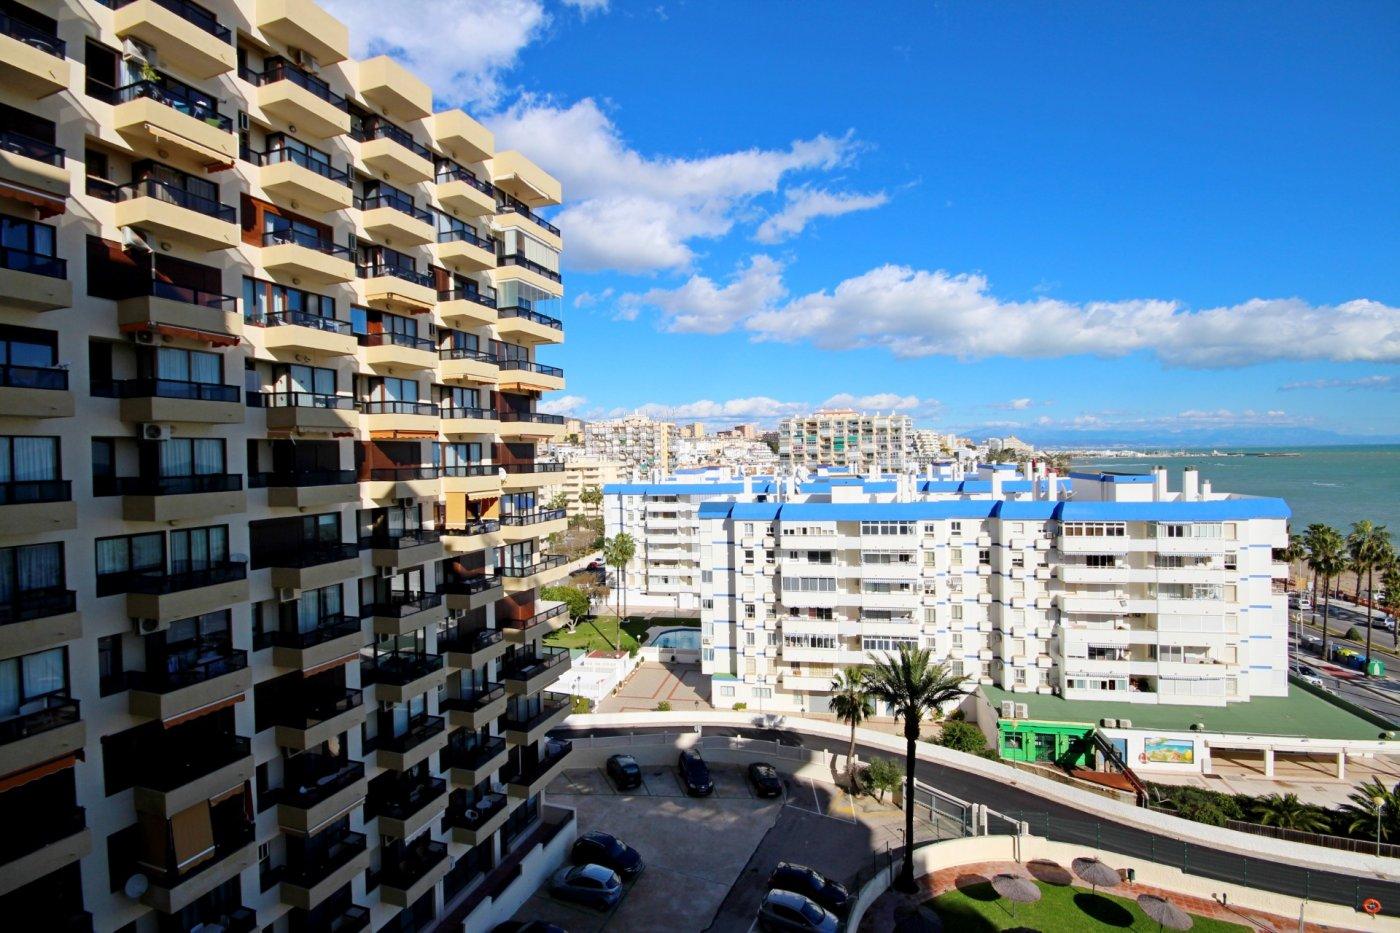 Duplex en primera linea de playa benalmadena costa - imagenInmueble6